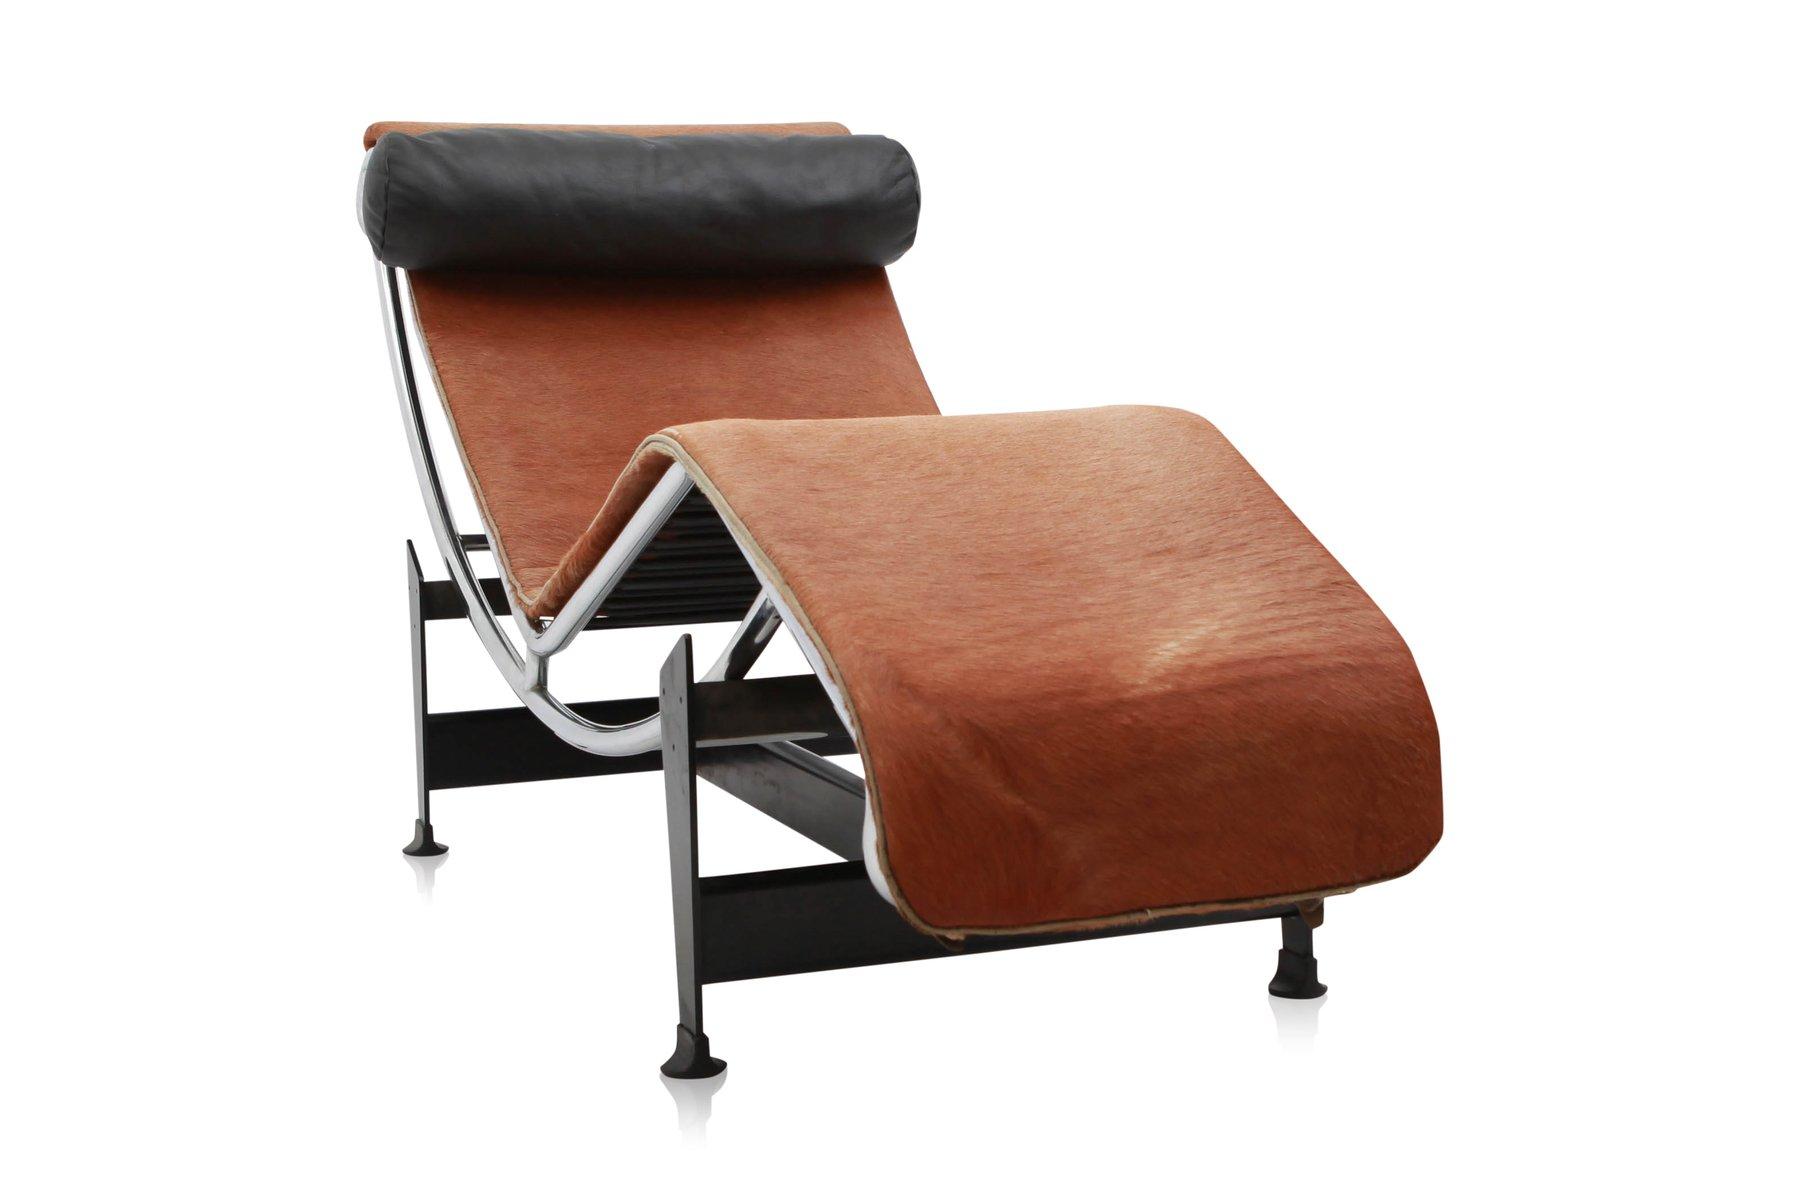 fauteuil lounge lc4 pony par le corbusier pour cassina 1960s en vente sur pamono